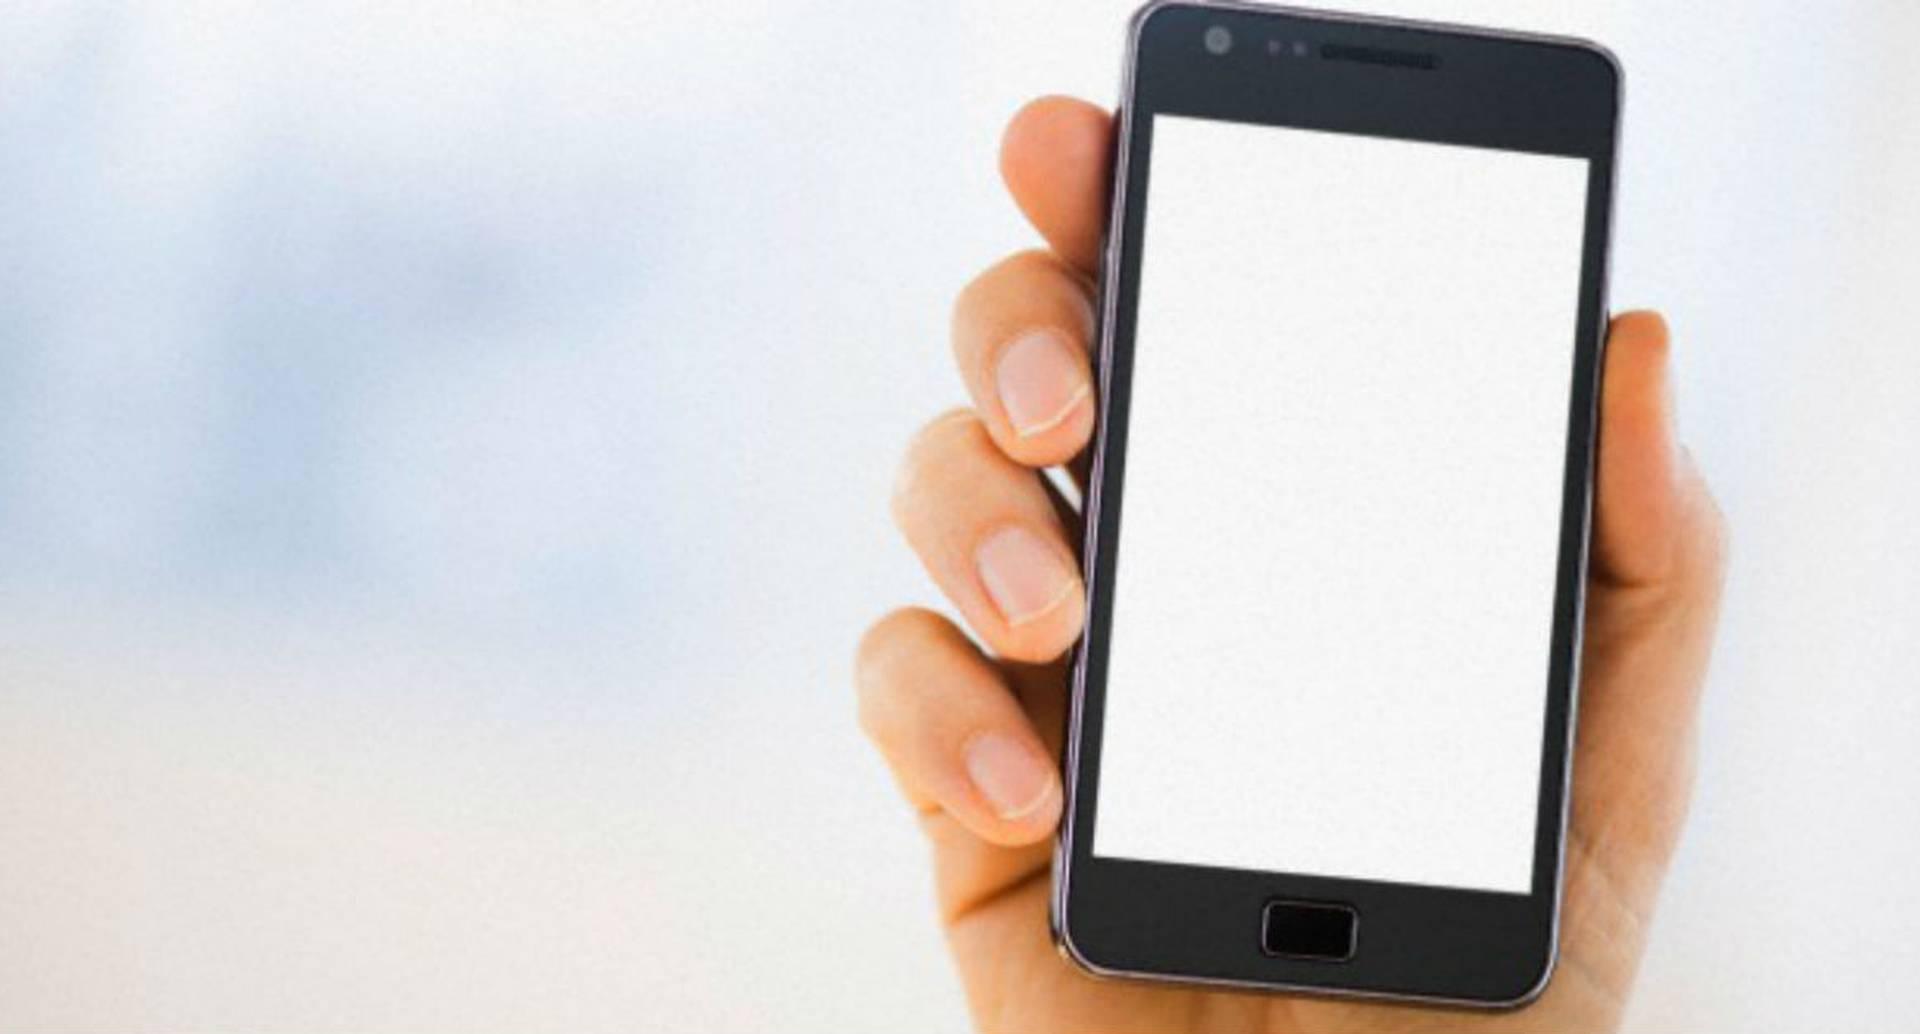 """Celulares y Samartphones: Después de Asia, Latinoamérica tendrá la """"segunda base instalada de teléfonos inteligentes."""